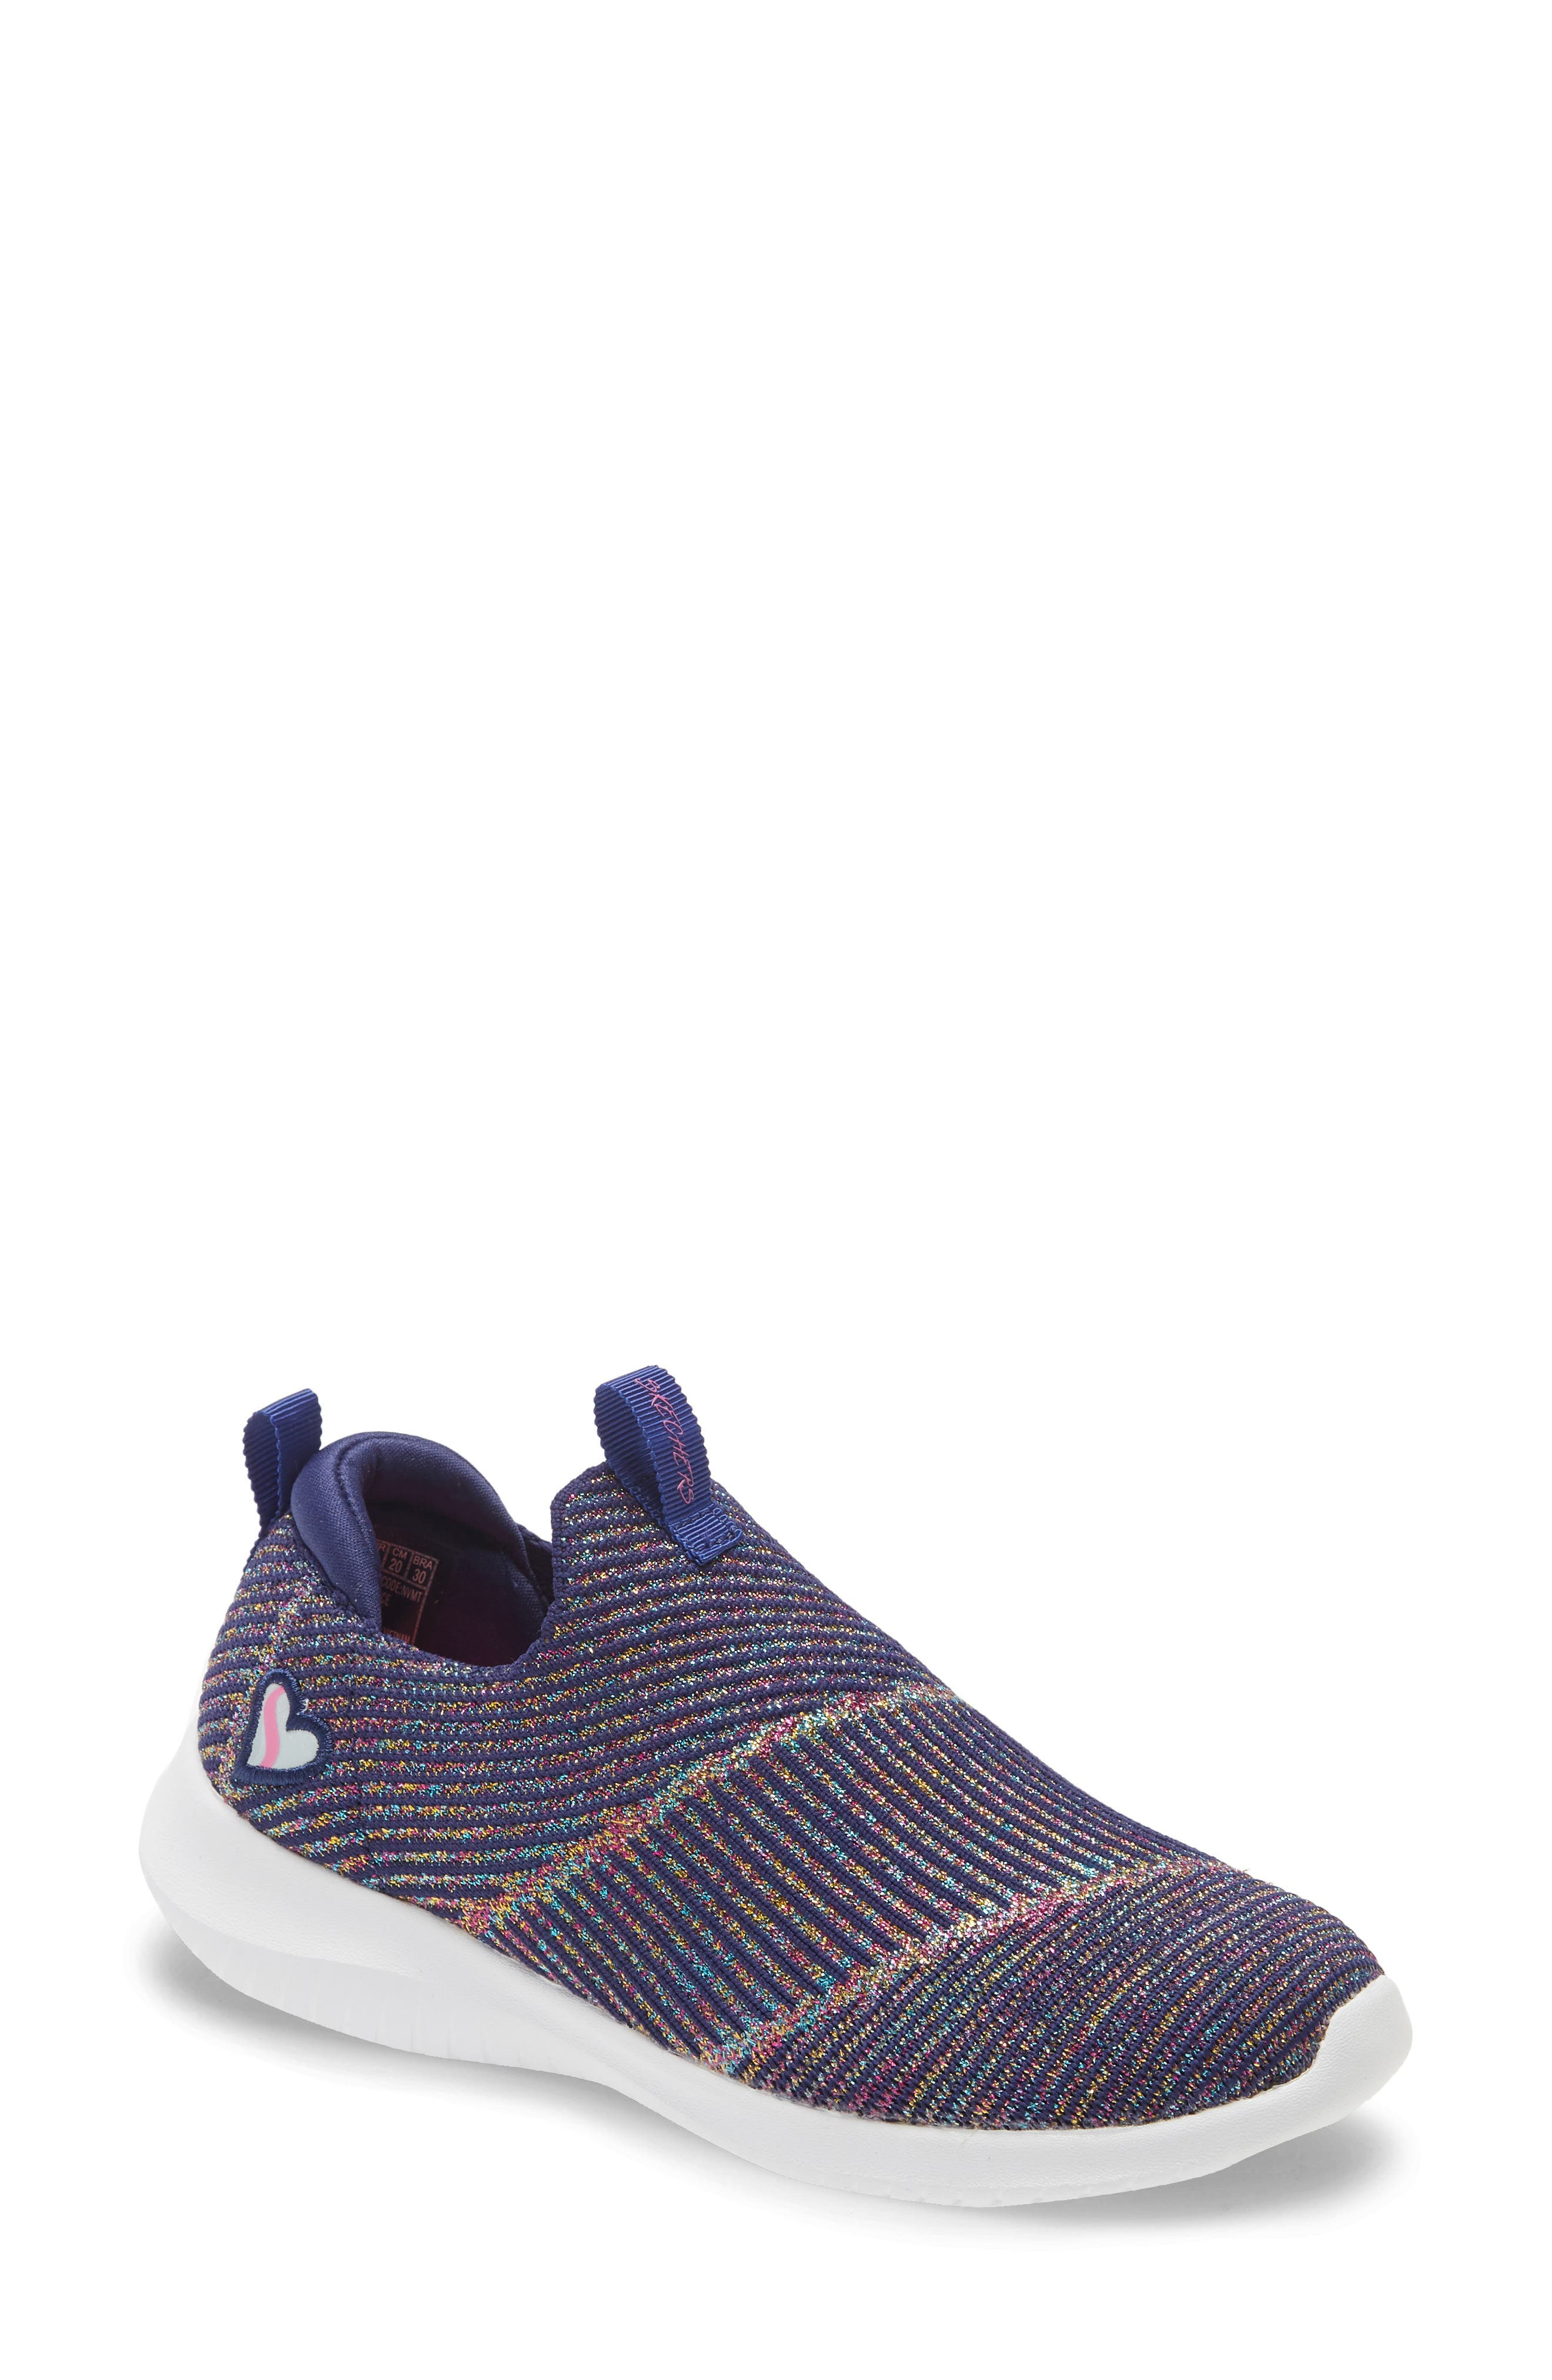 Image of Skechers Ultra Flex Glitter Sock Sneaker